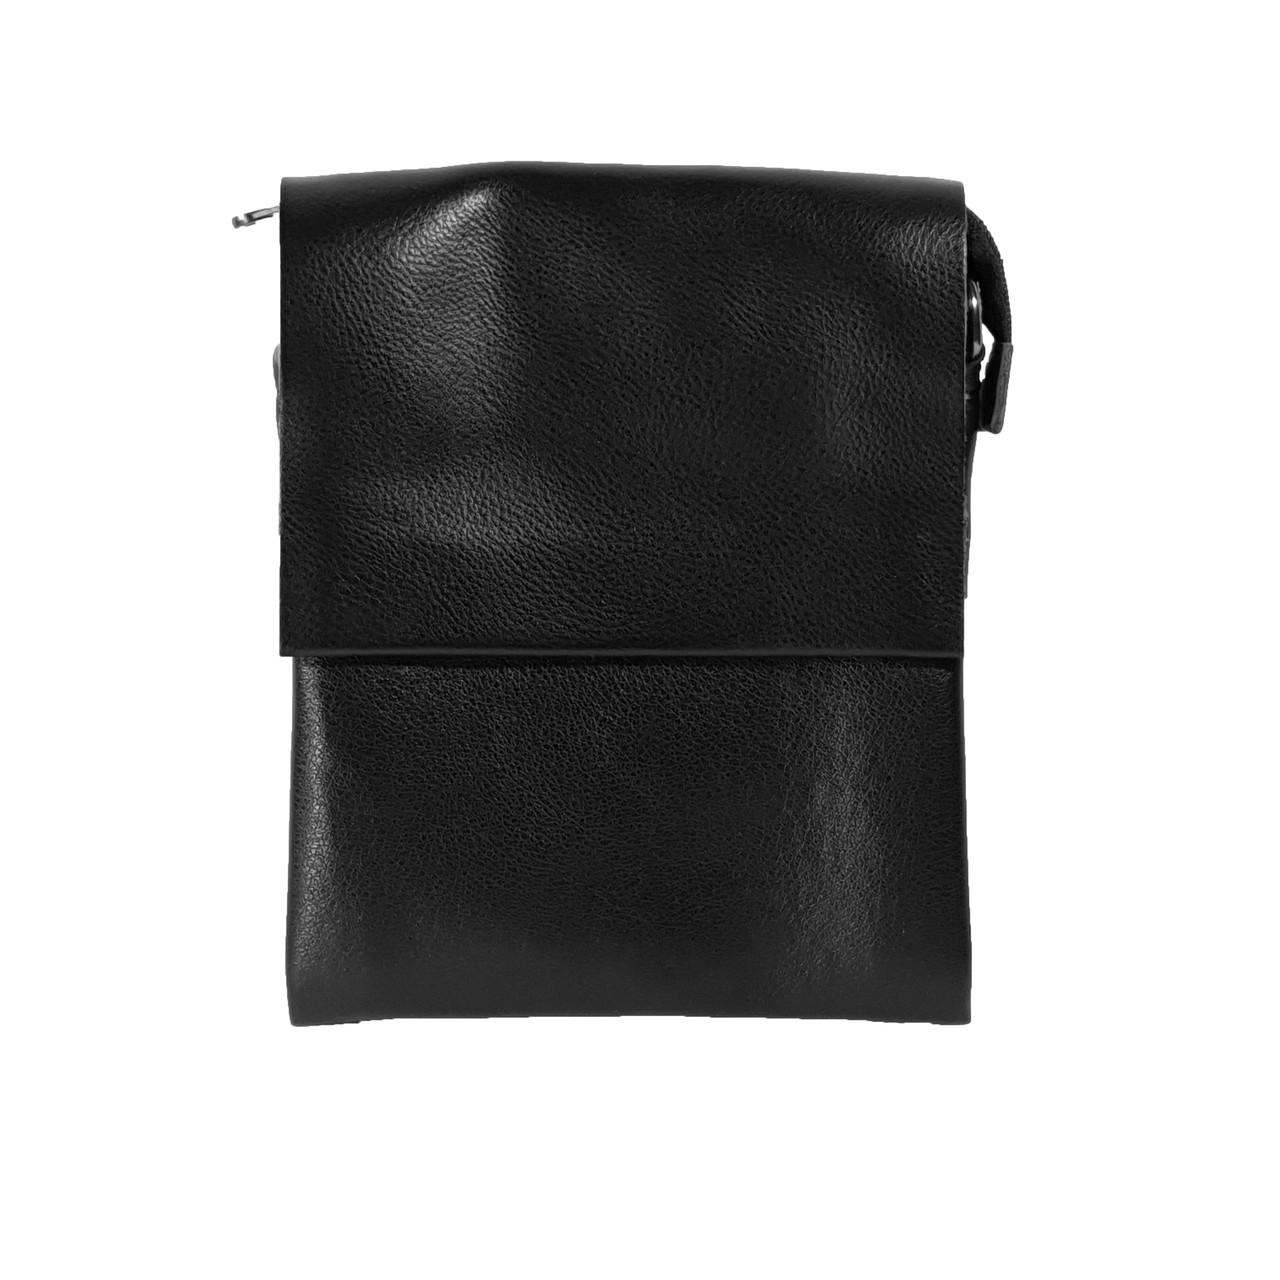 Многосекционная сумка с кожаным клапаном